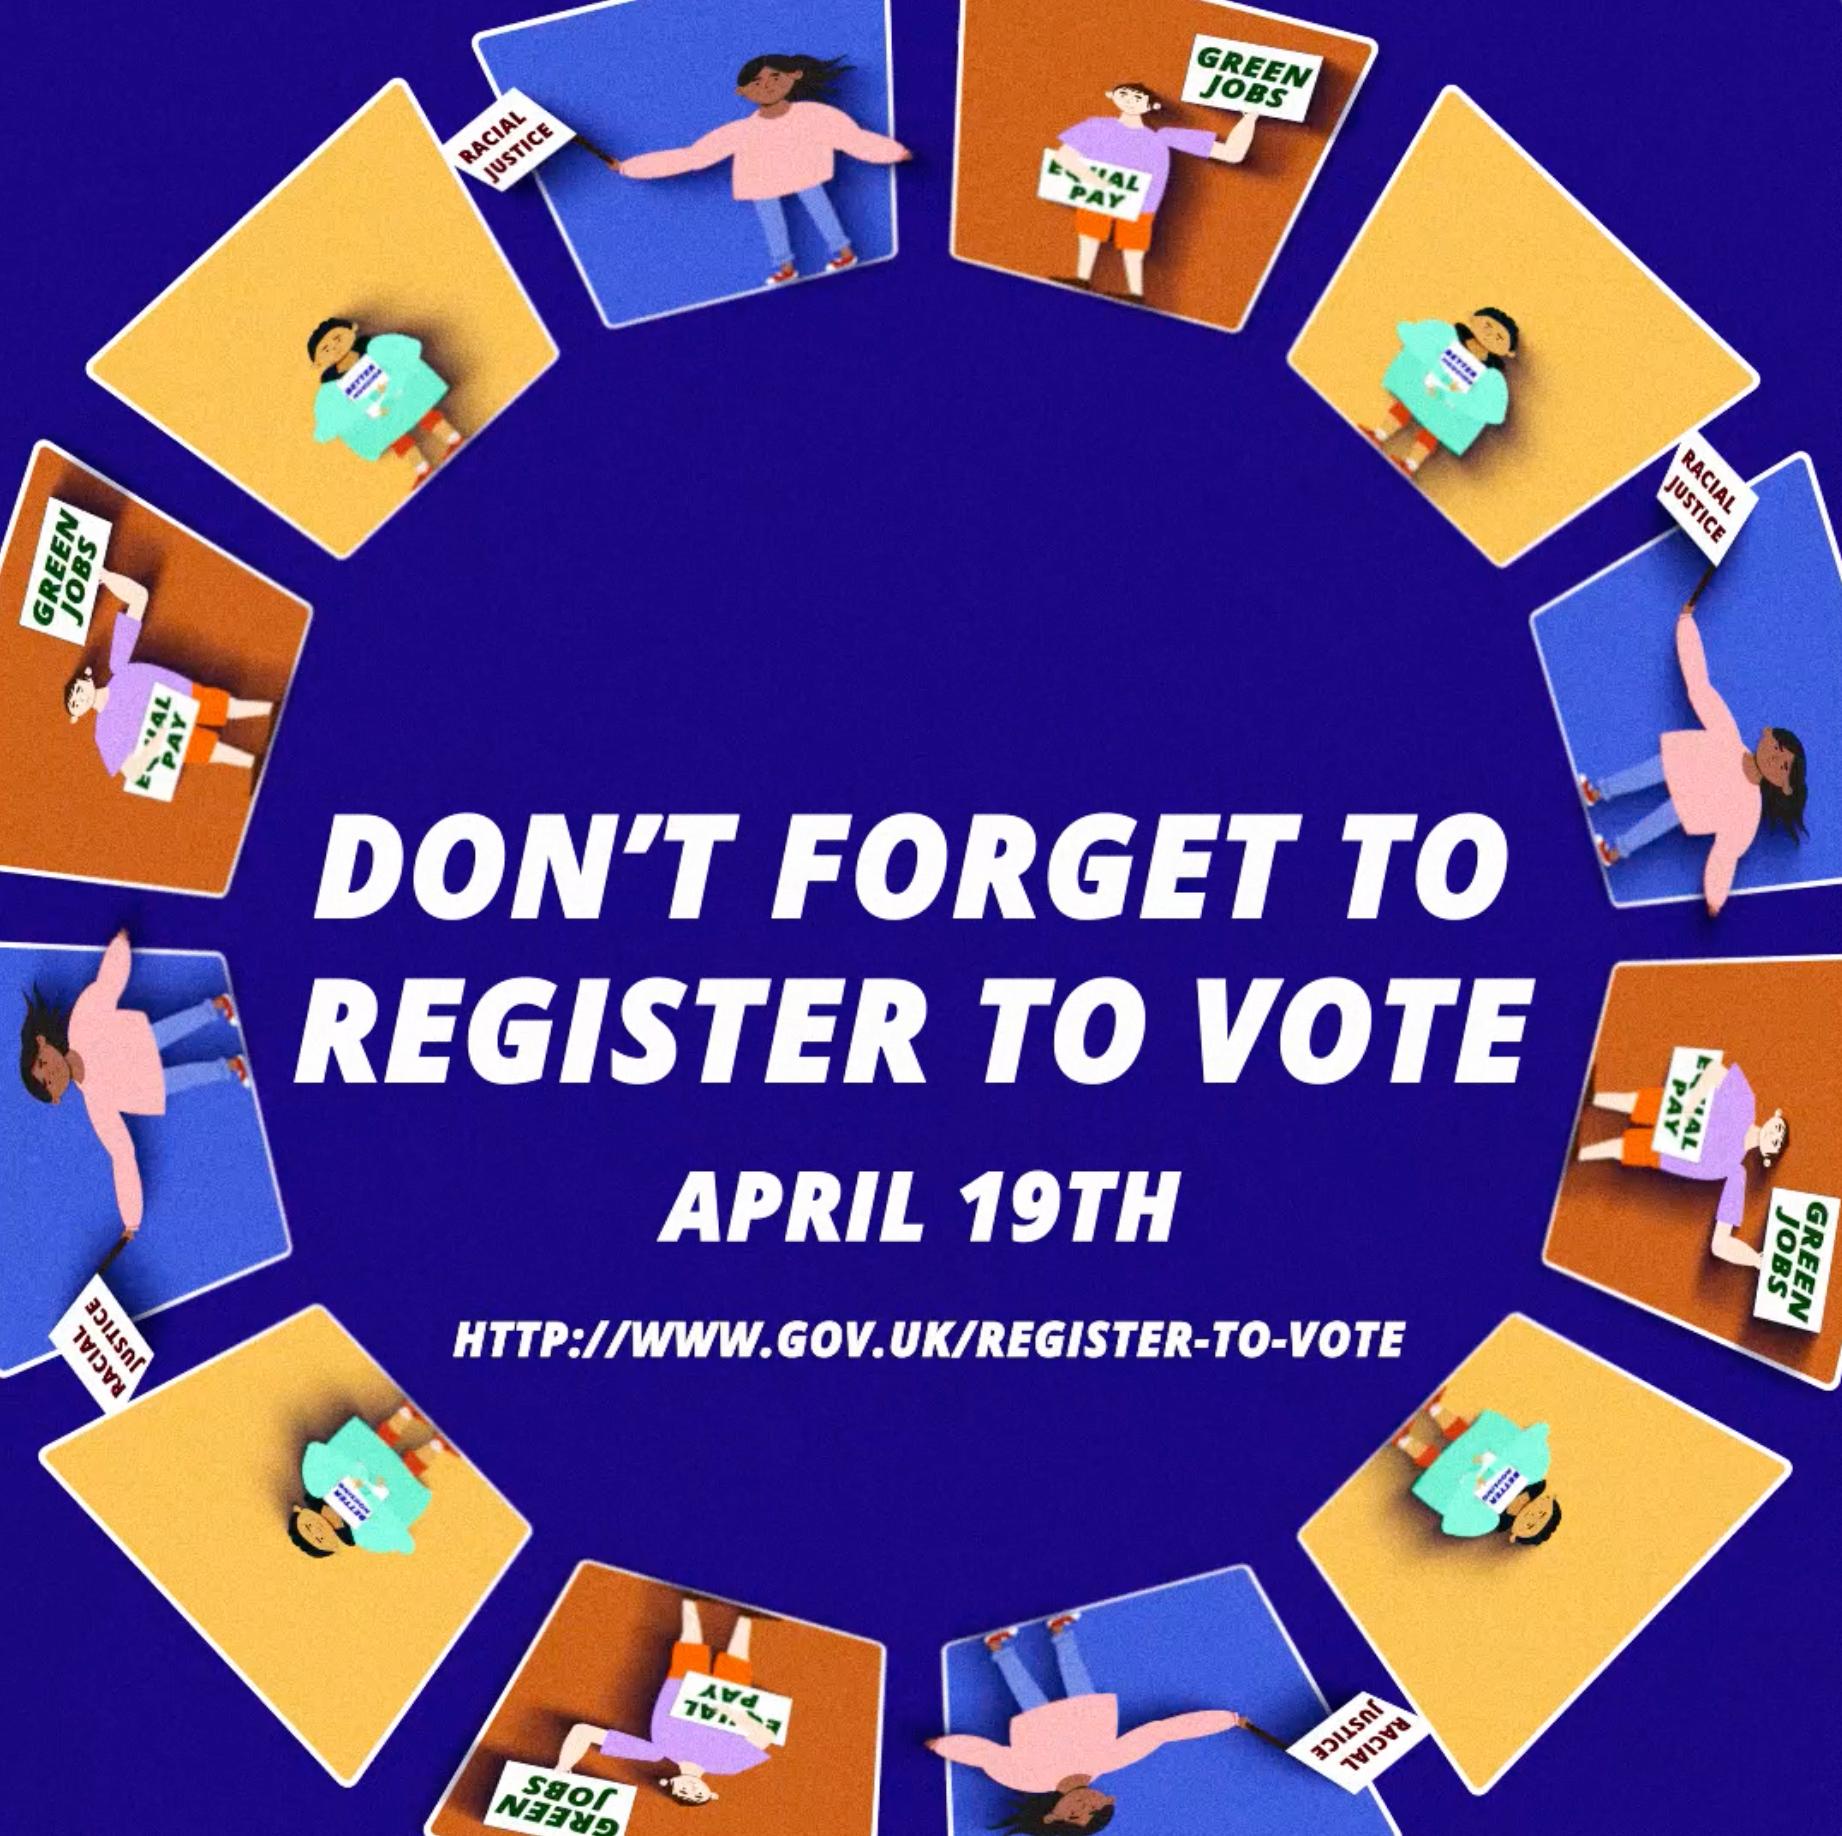 VoterRegistration_REGISTER_Endslate (1).png